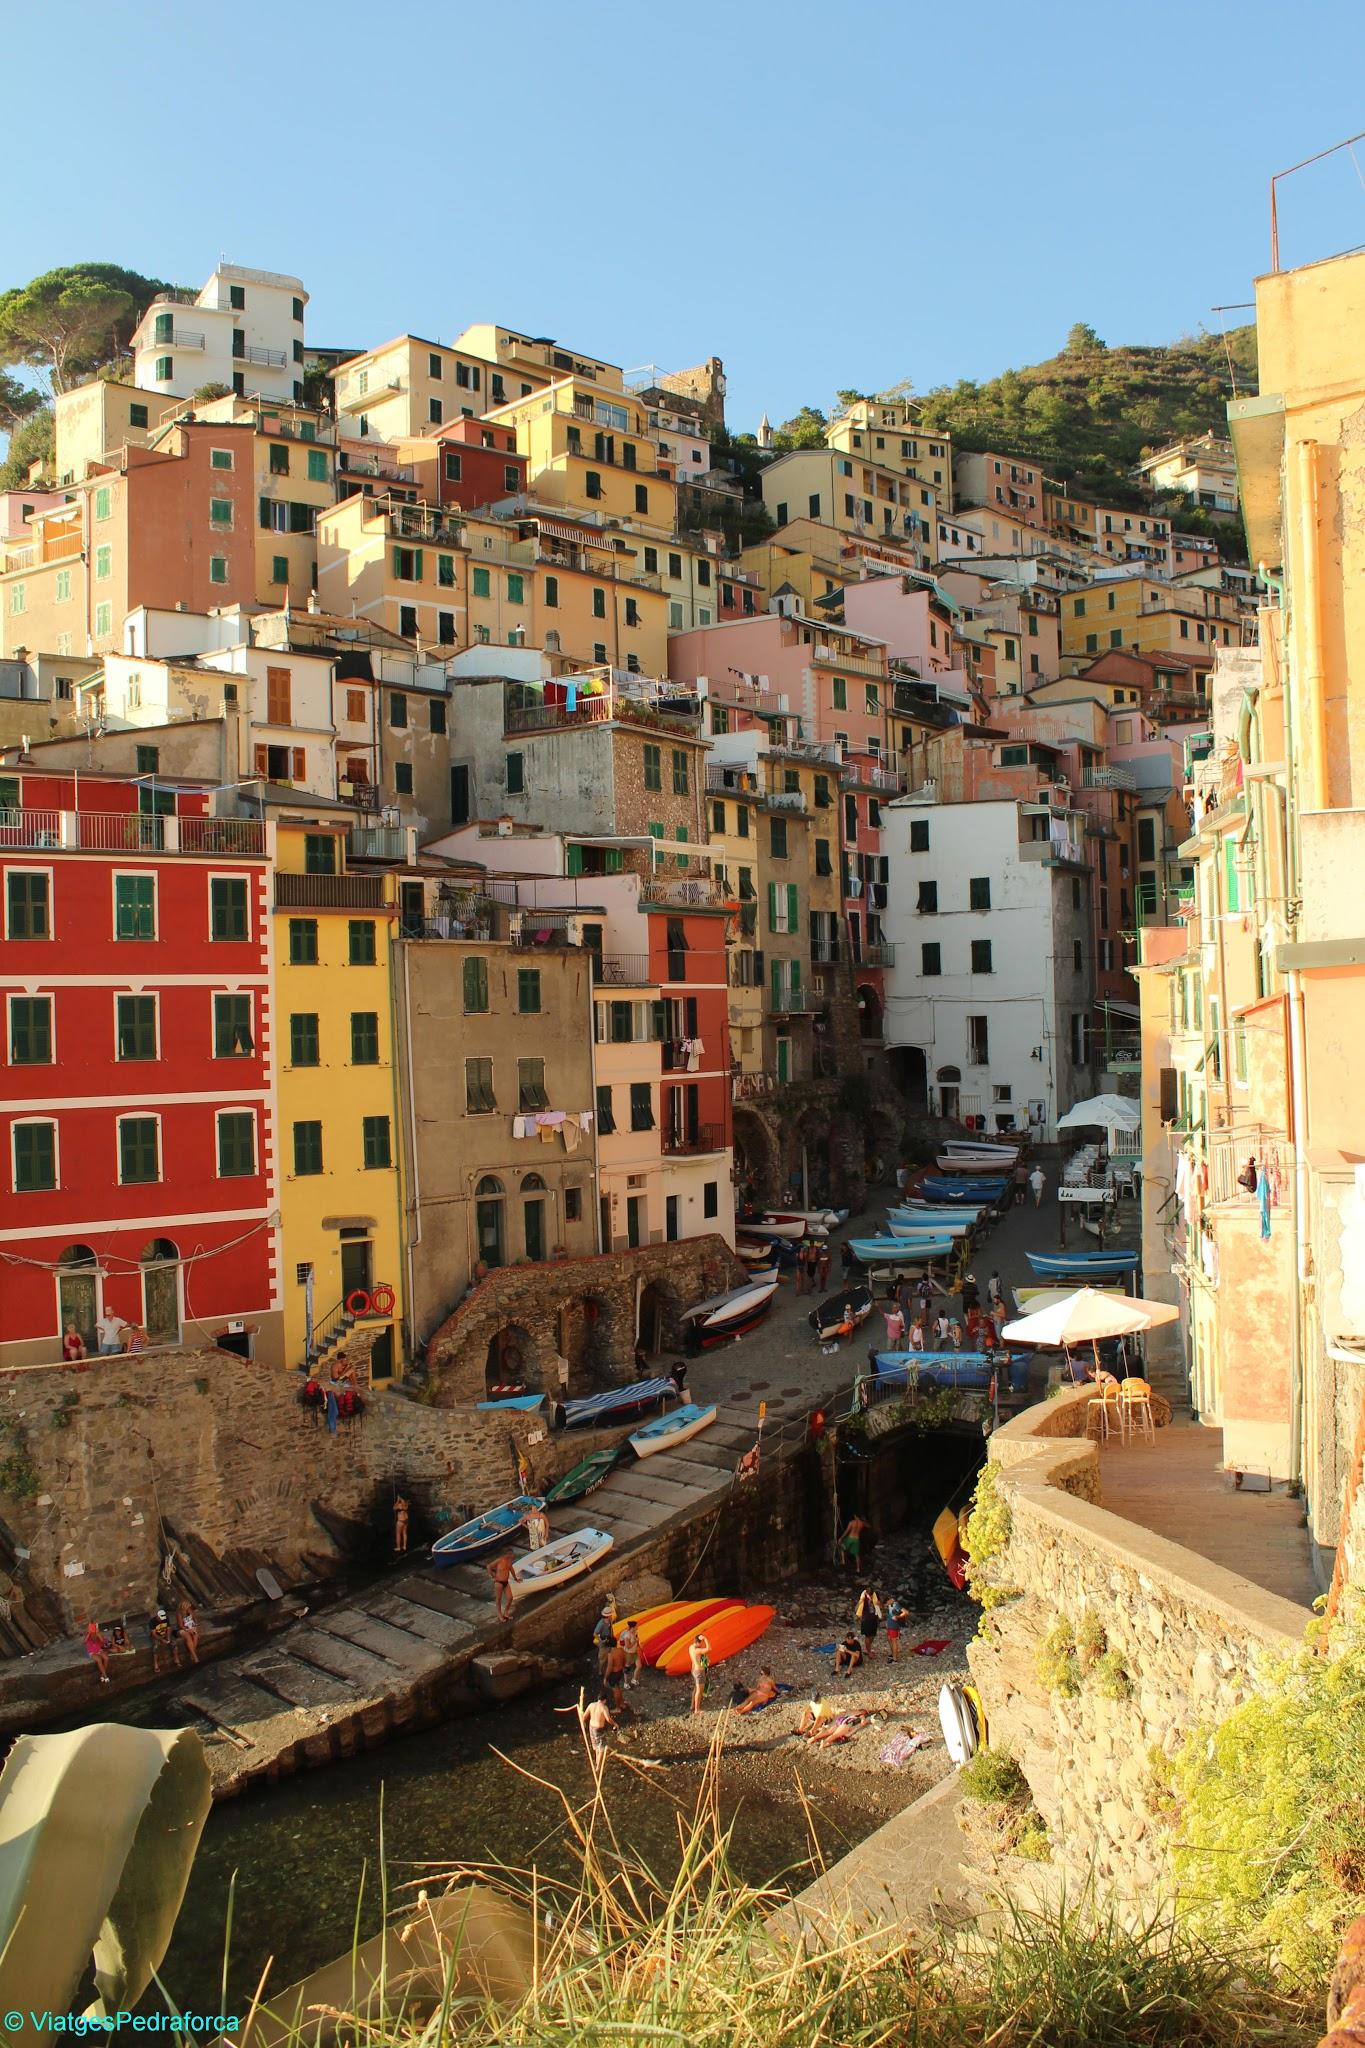 Riomaggiore, Cinque Terre, Italia, Unesco World Heritage, Patrimoni de la Humanitat, Sentiero azzurro